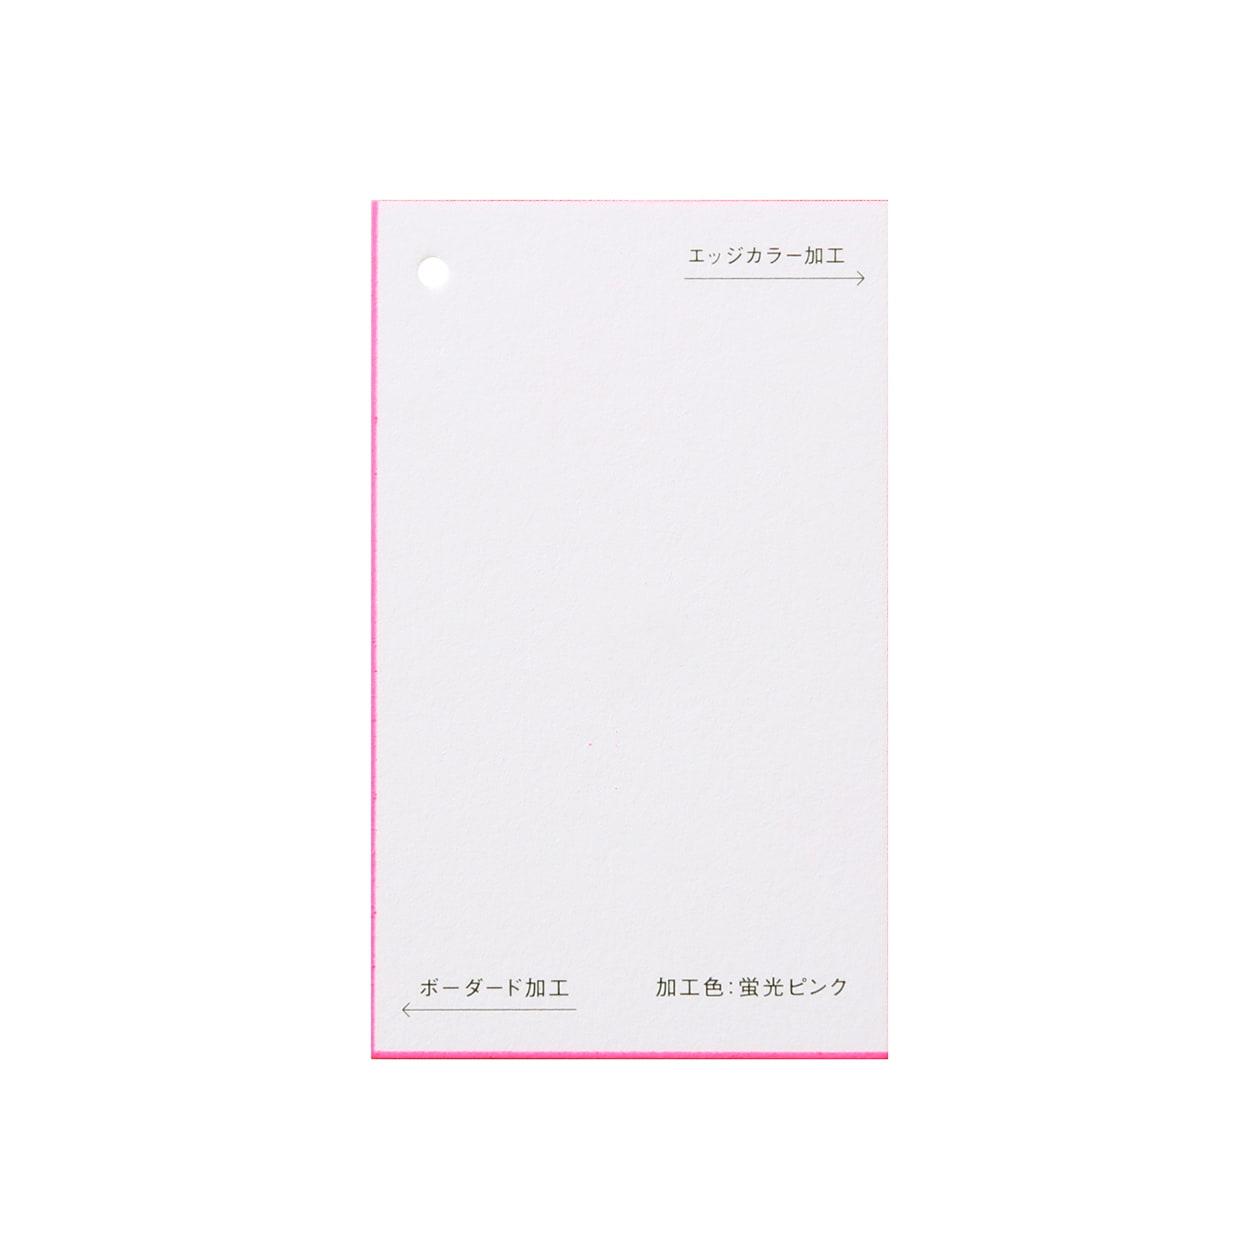 加工色見本 00169ボーダード・エッジカラー 蛍光ピンクスノーホワイト 348.8g